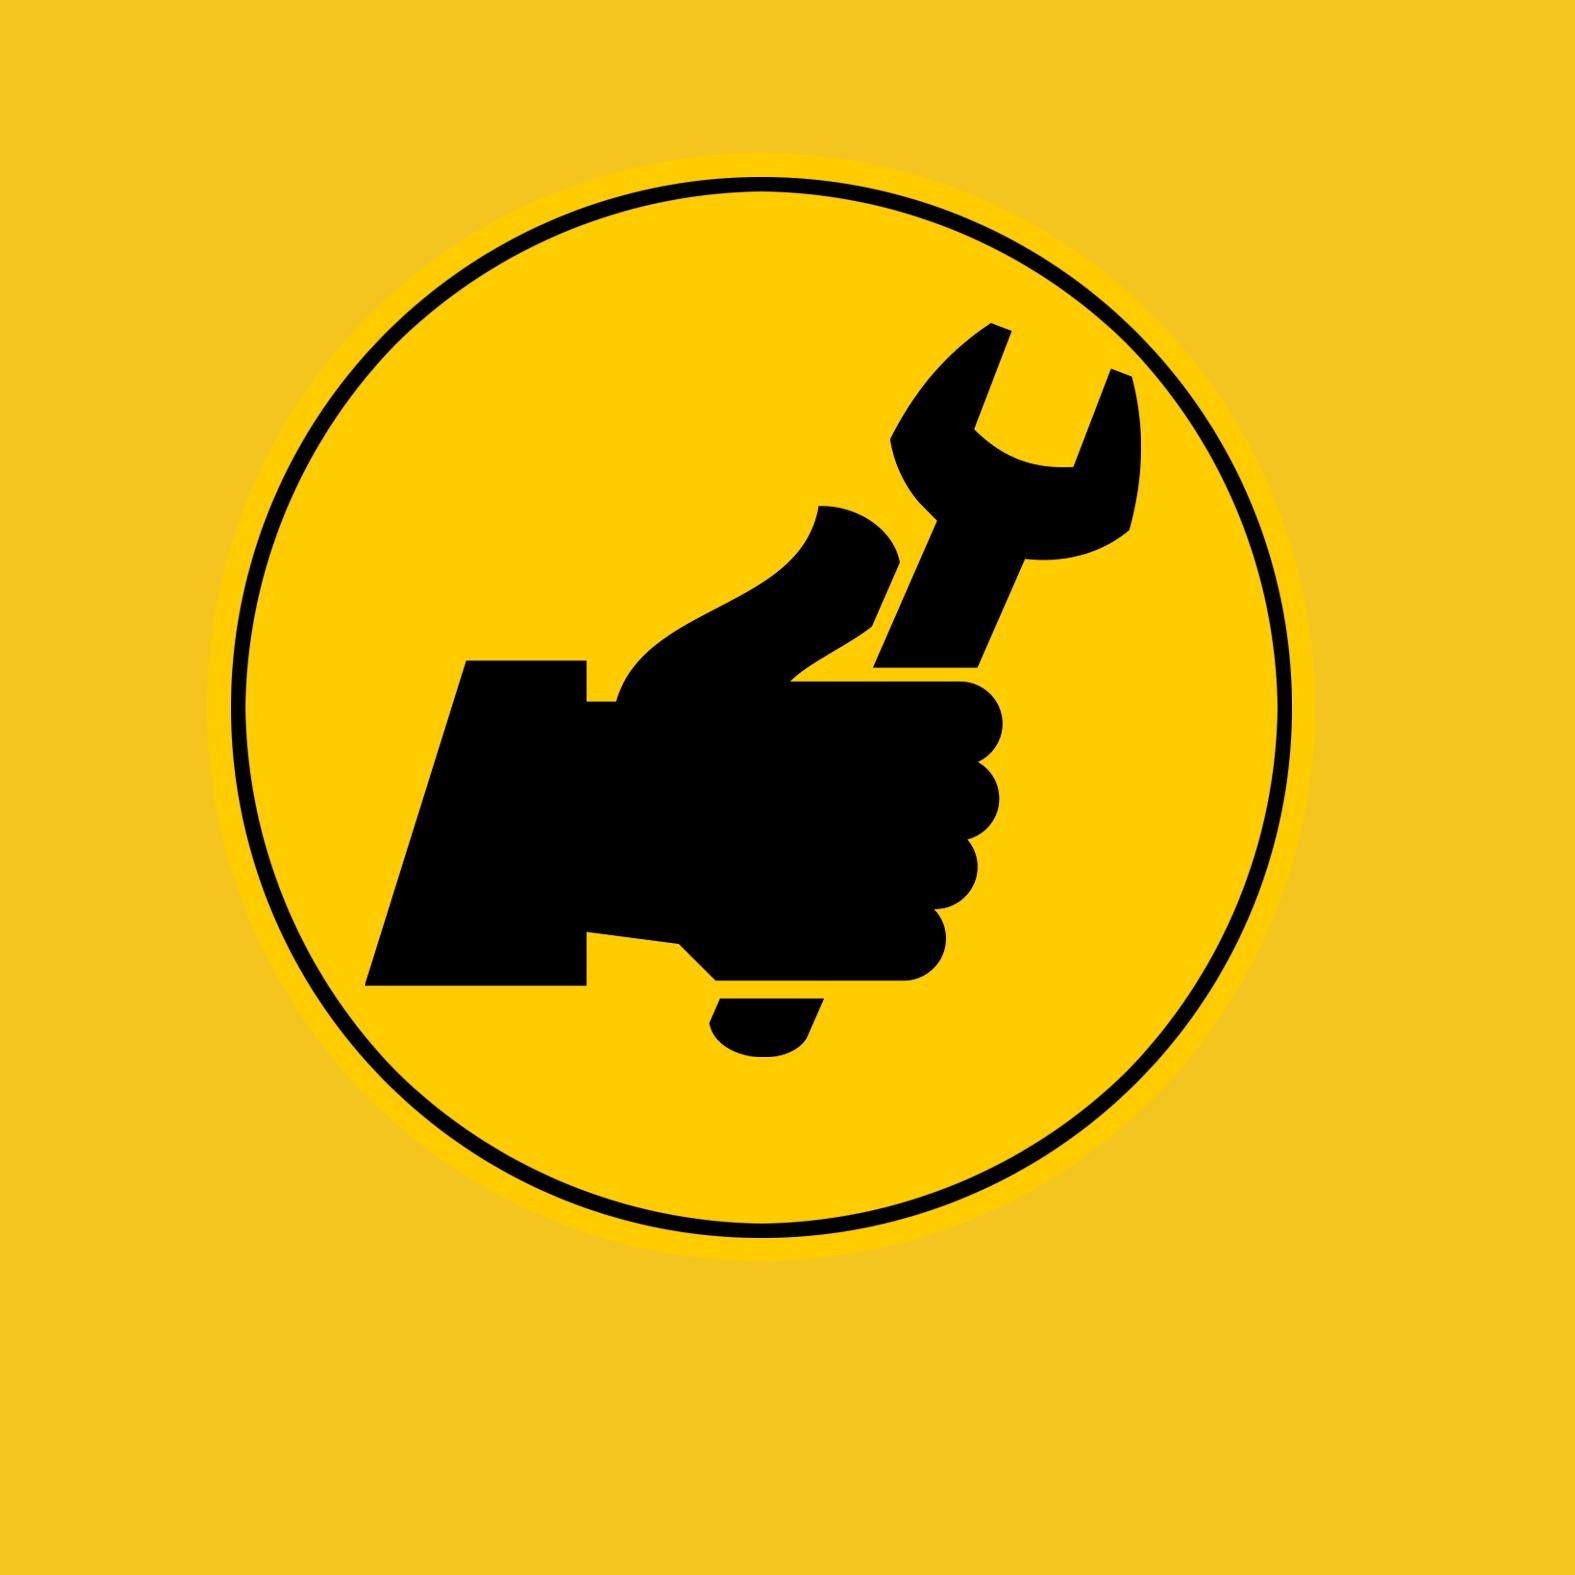 logo 标识 标志 动漫 卡通 漫画 设计 头像 图标 1575_1575